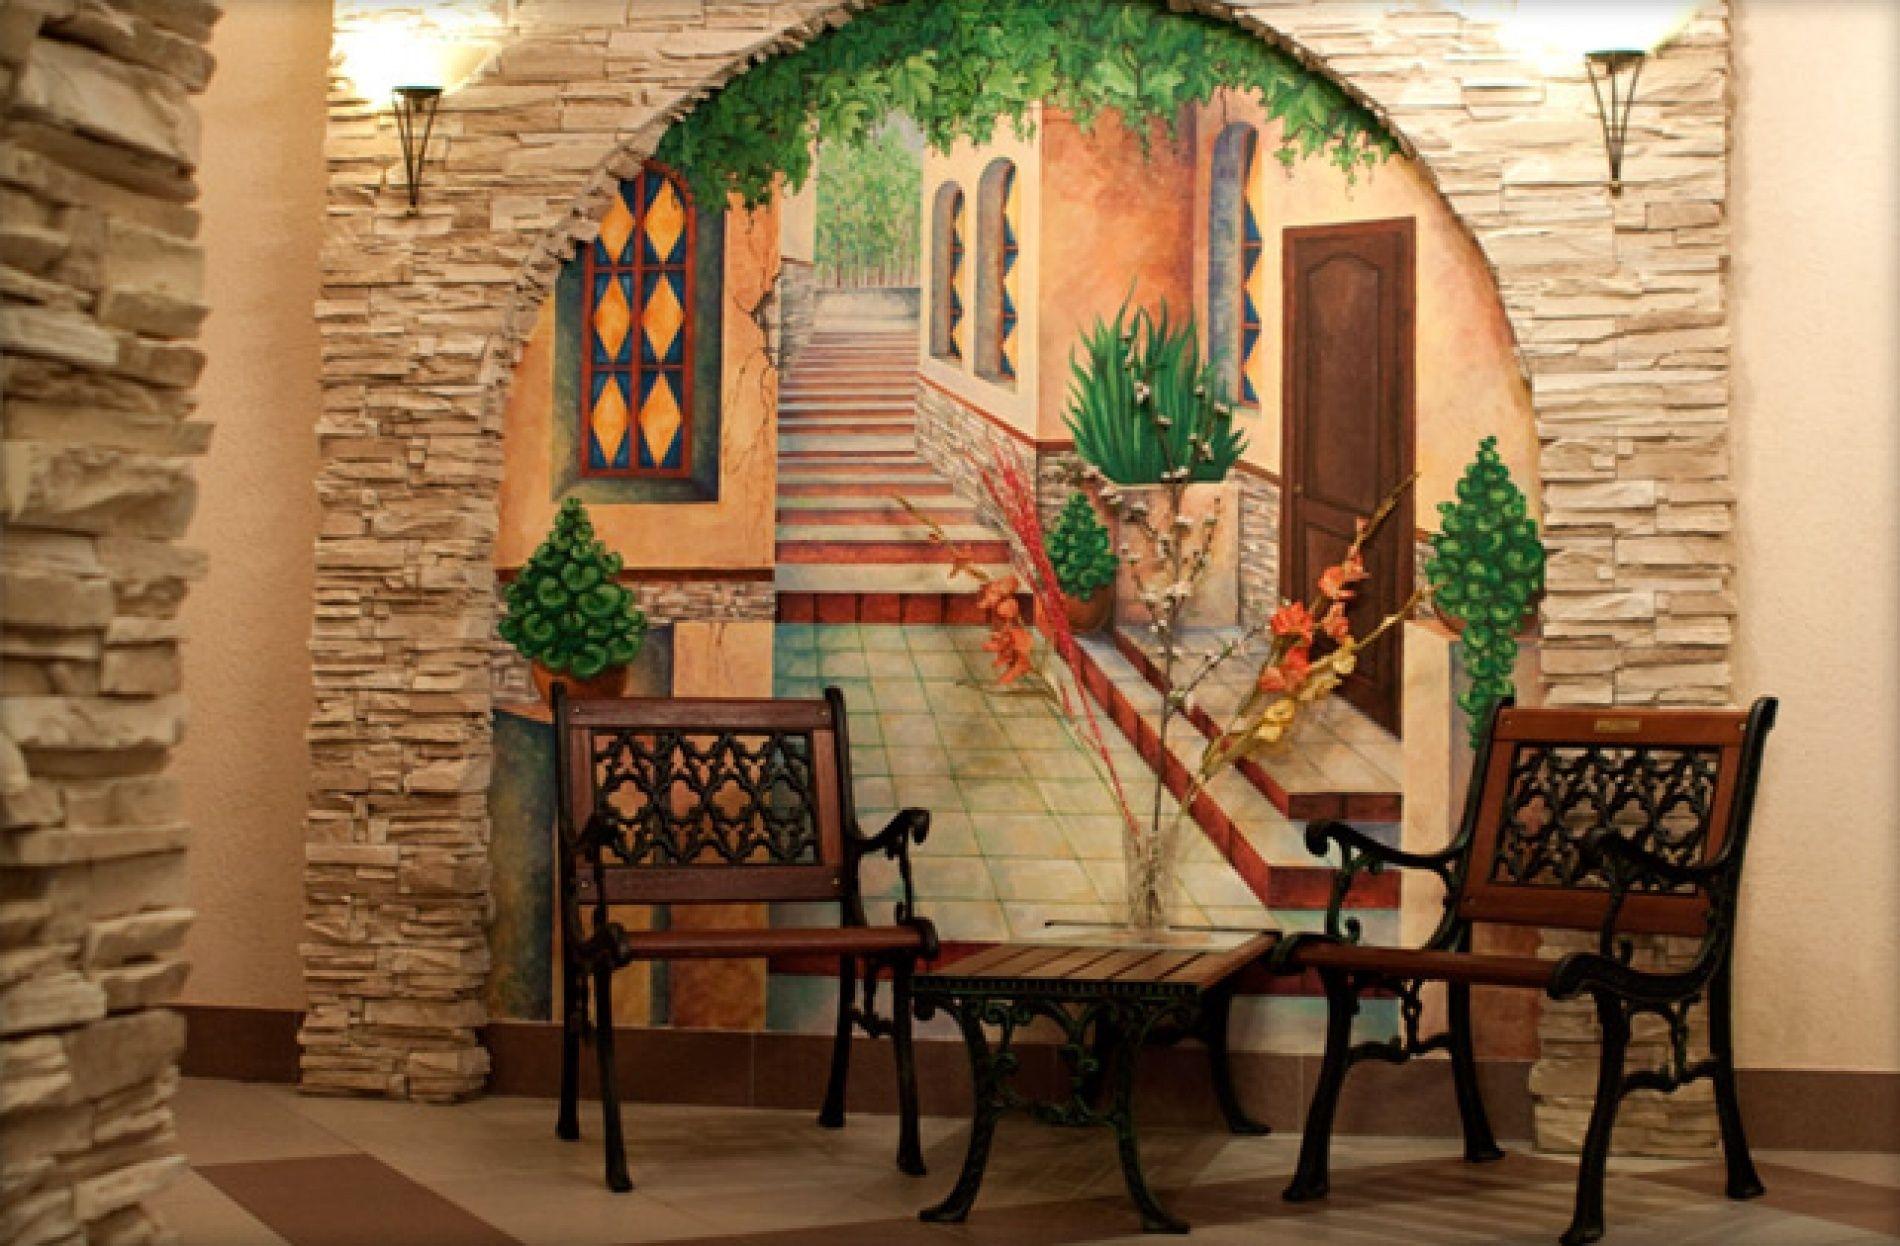 """Гостиница """"Family hotel"""" Курганская область, фото 15"""